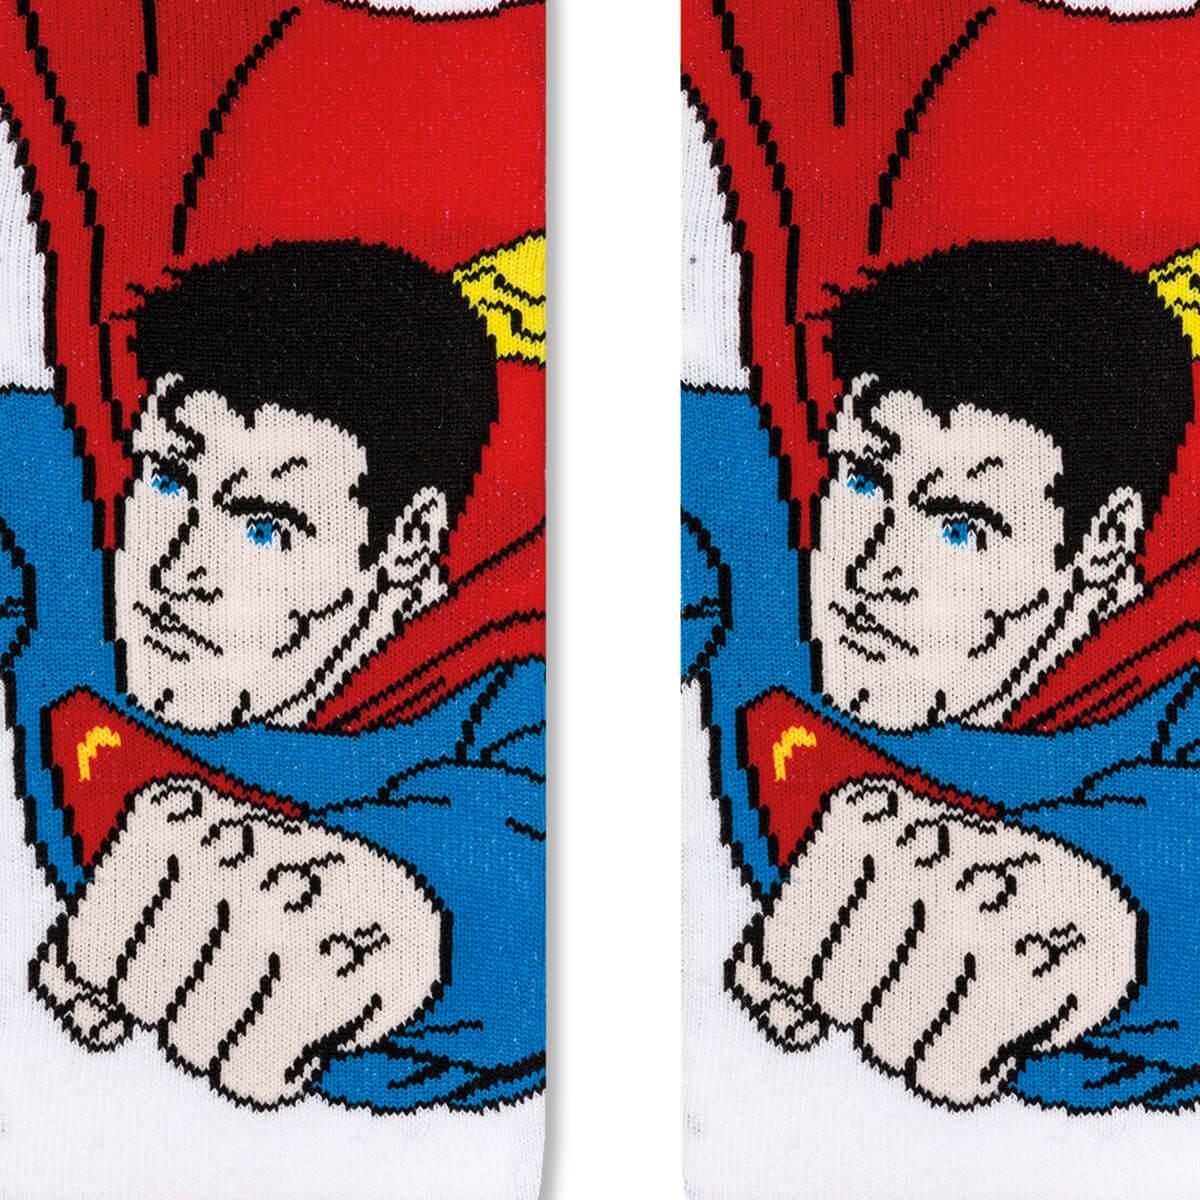 Meia Infantil Menino 25 ao 28 Liga da Justiça Super Homem Fly